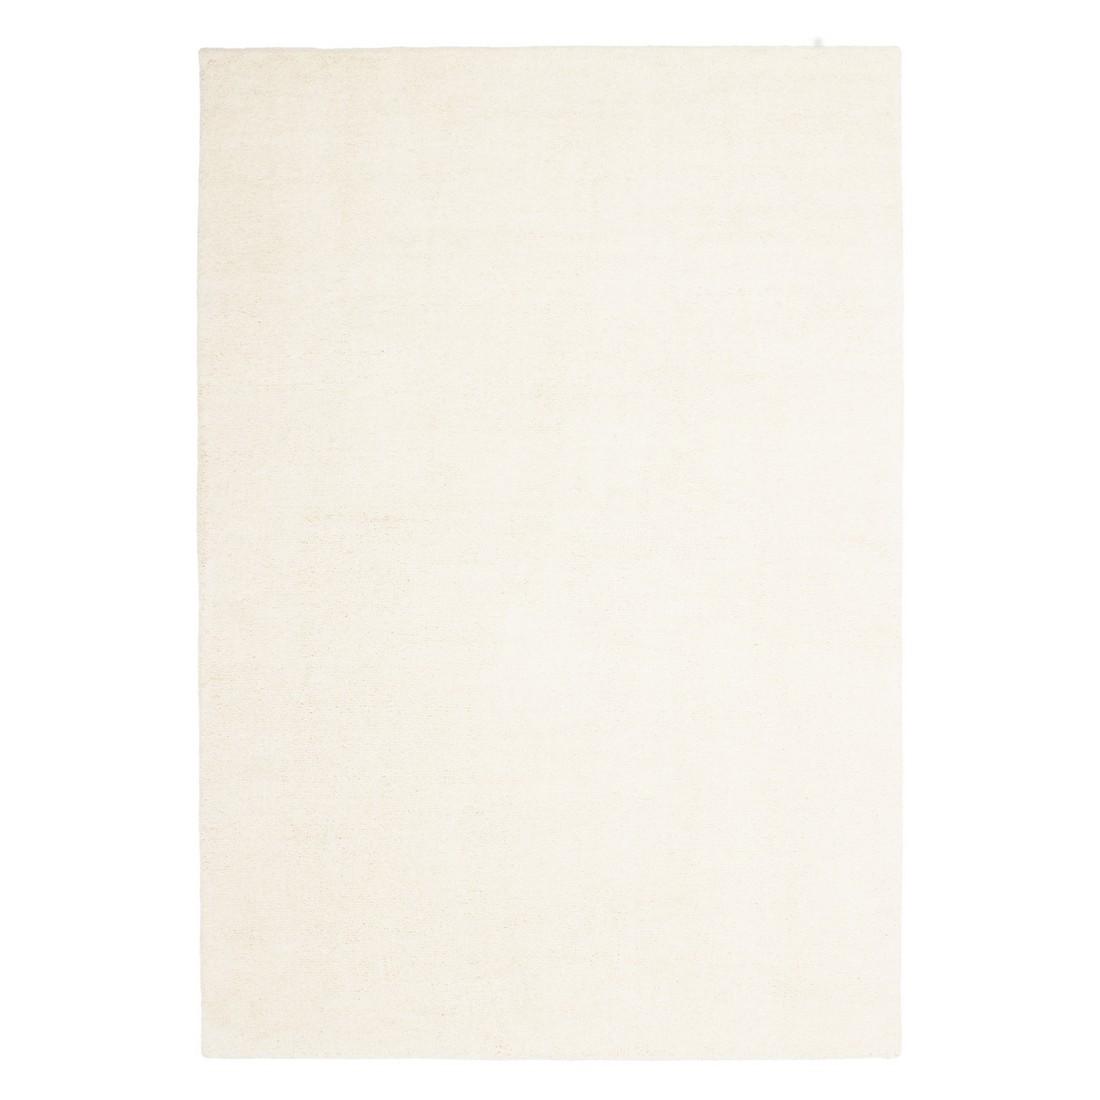 Teppich Marokko II – Beige – 140 x 200 cm, Obsession günstig bestellen